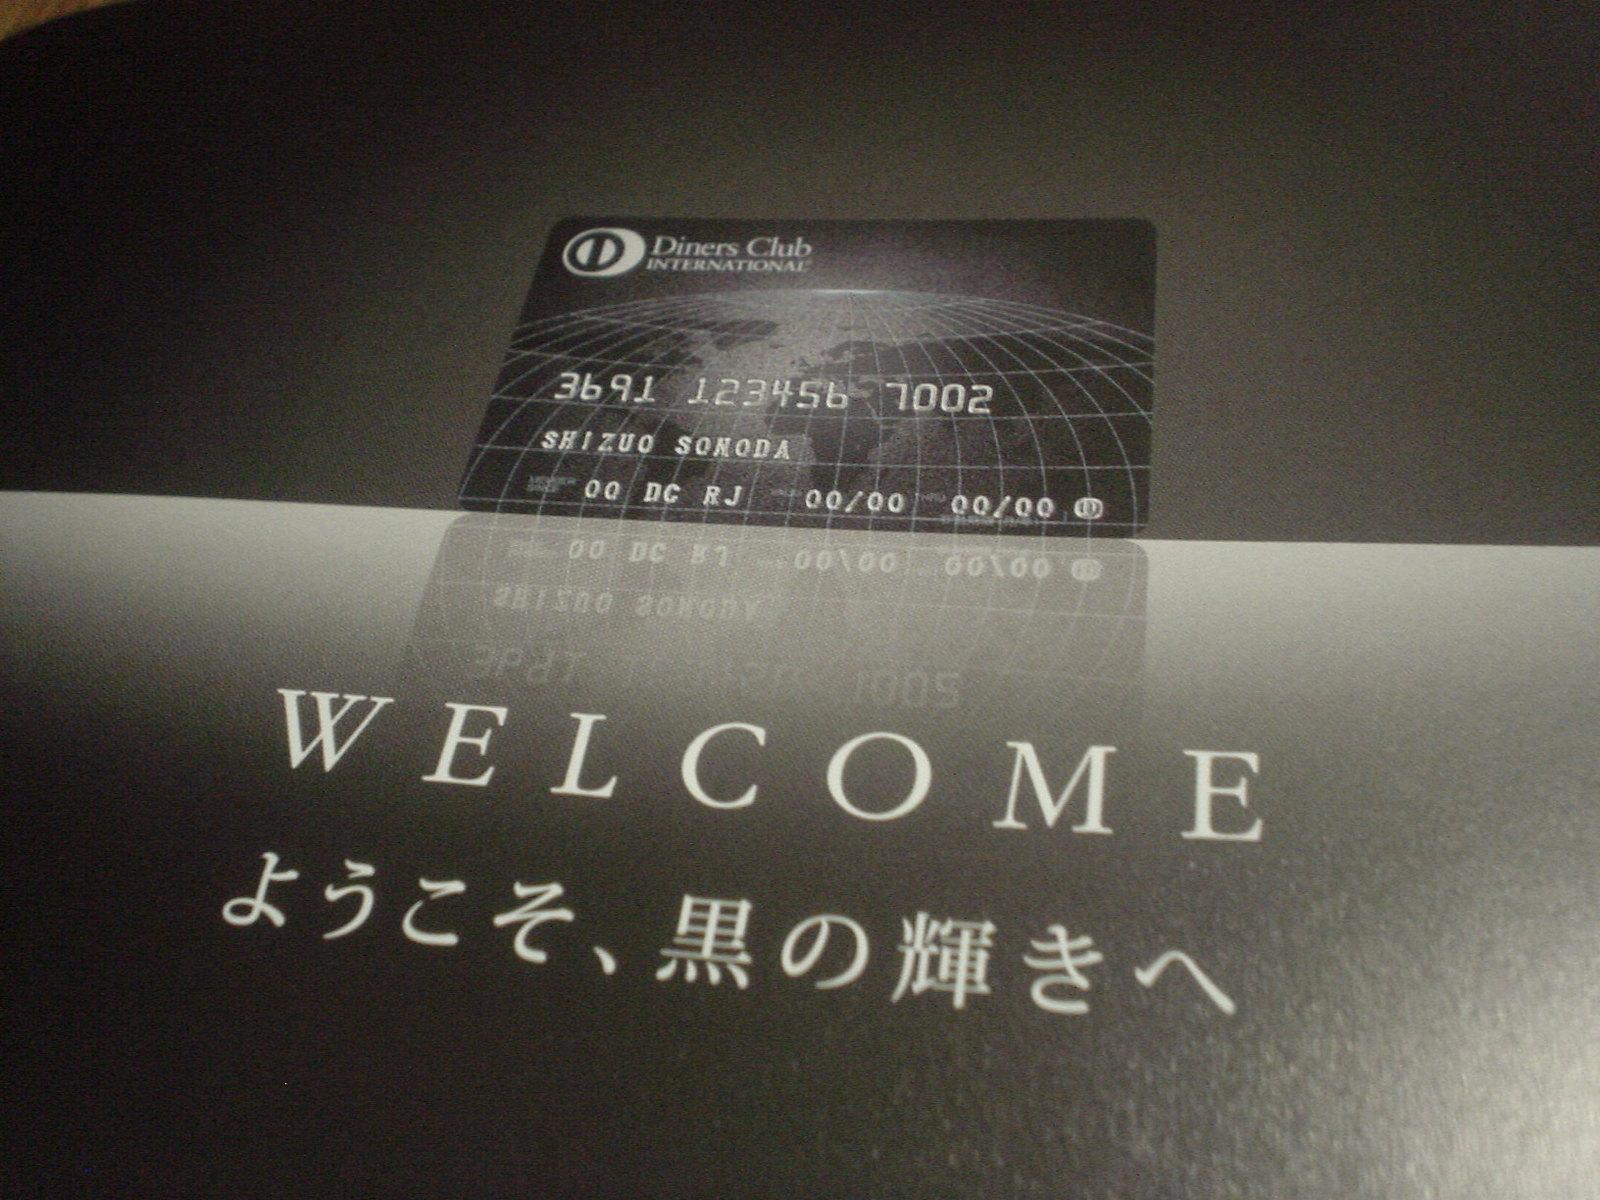 プレミアムカードを誇示するコピー